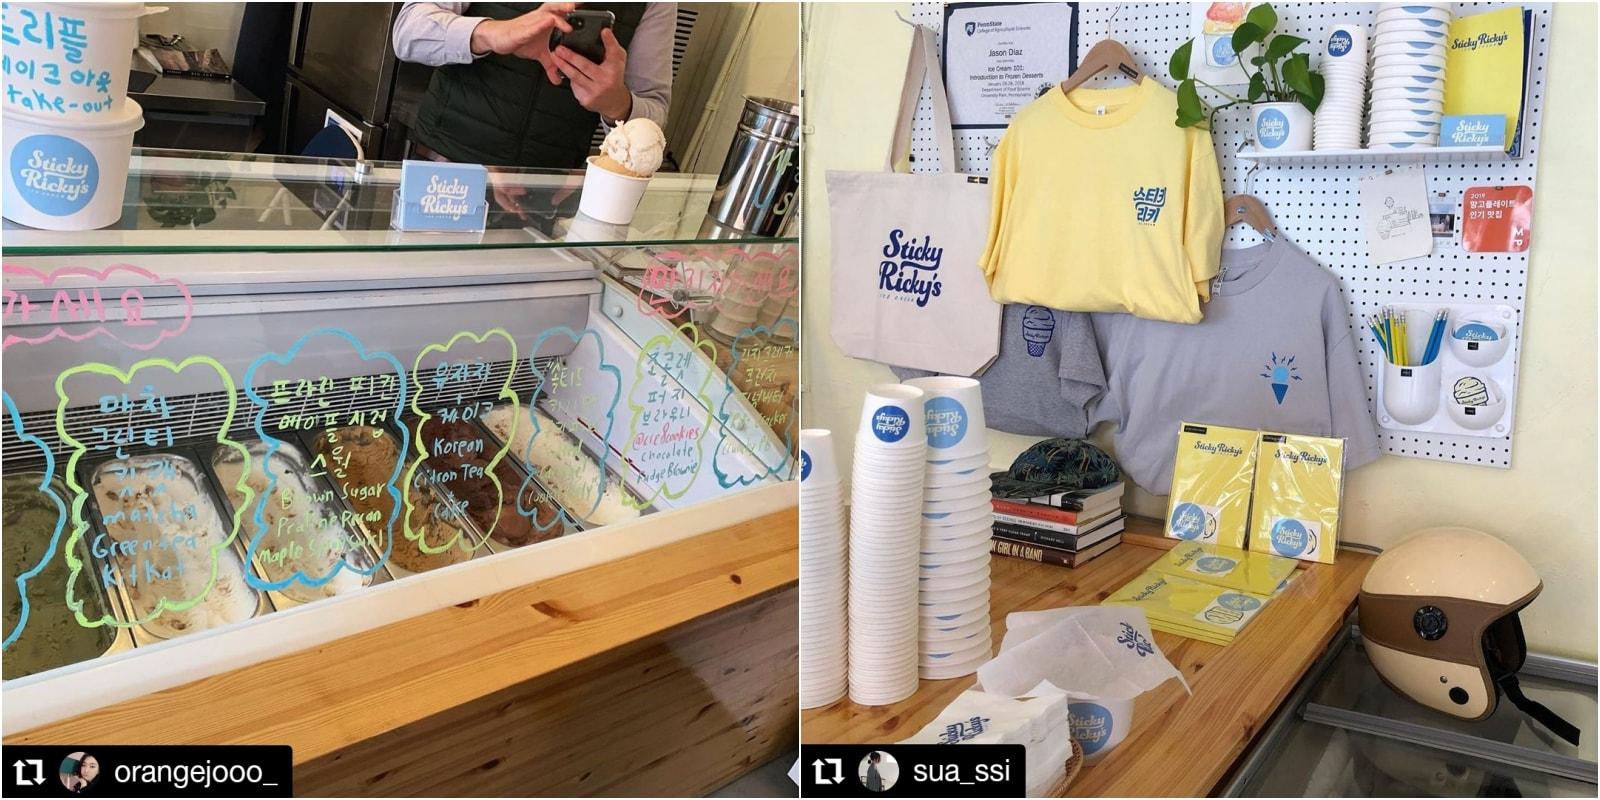 10 ร้านคาเฟ่ไอศกรีมน่ารักๆ ในโซล ที่ไม่ควรพลาด!